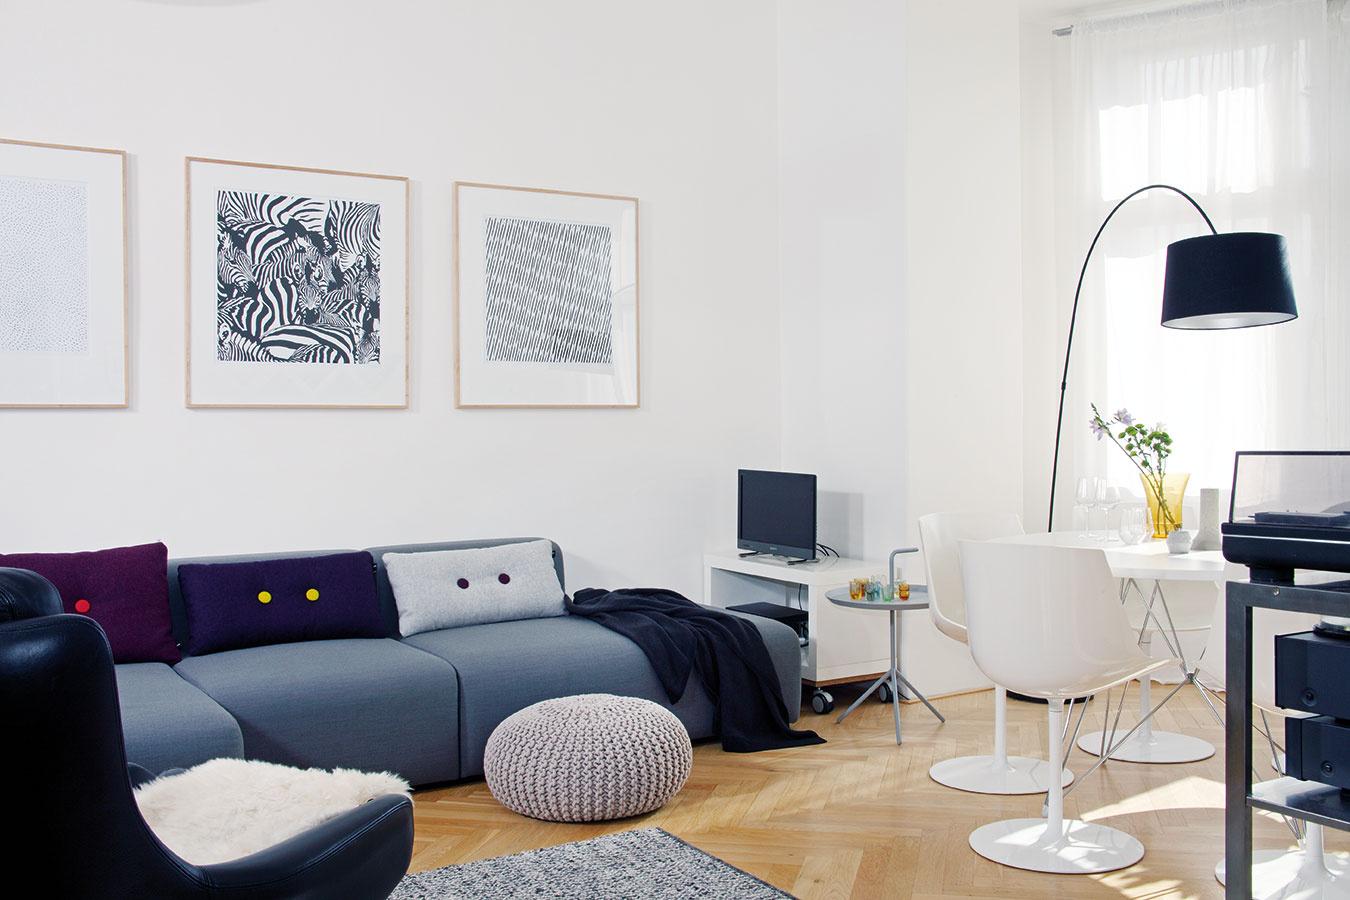 Obývačka, kde sa žije. Už na pohľad pohodlné aútulné miesto znej robí sedačka od dánskej značky Hay, ktorá patrí kMáriinej obľúbenej dizajnovej klasike. Perfektne sem zapadol aj jedálenský stôl využívaný pri rodinných oslavách anávštevách.